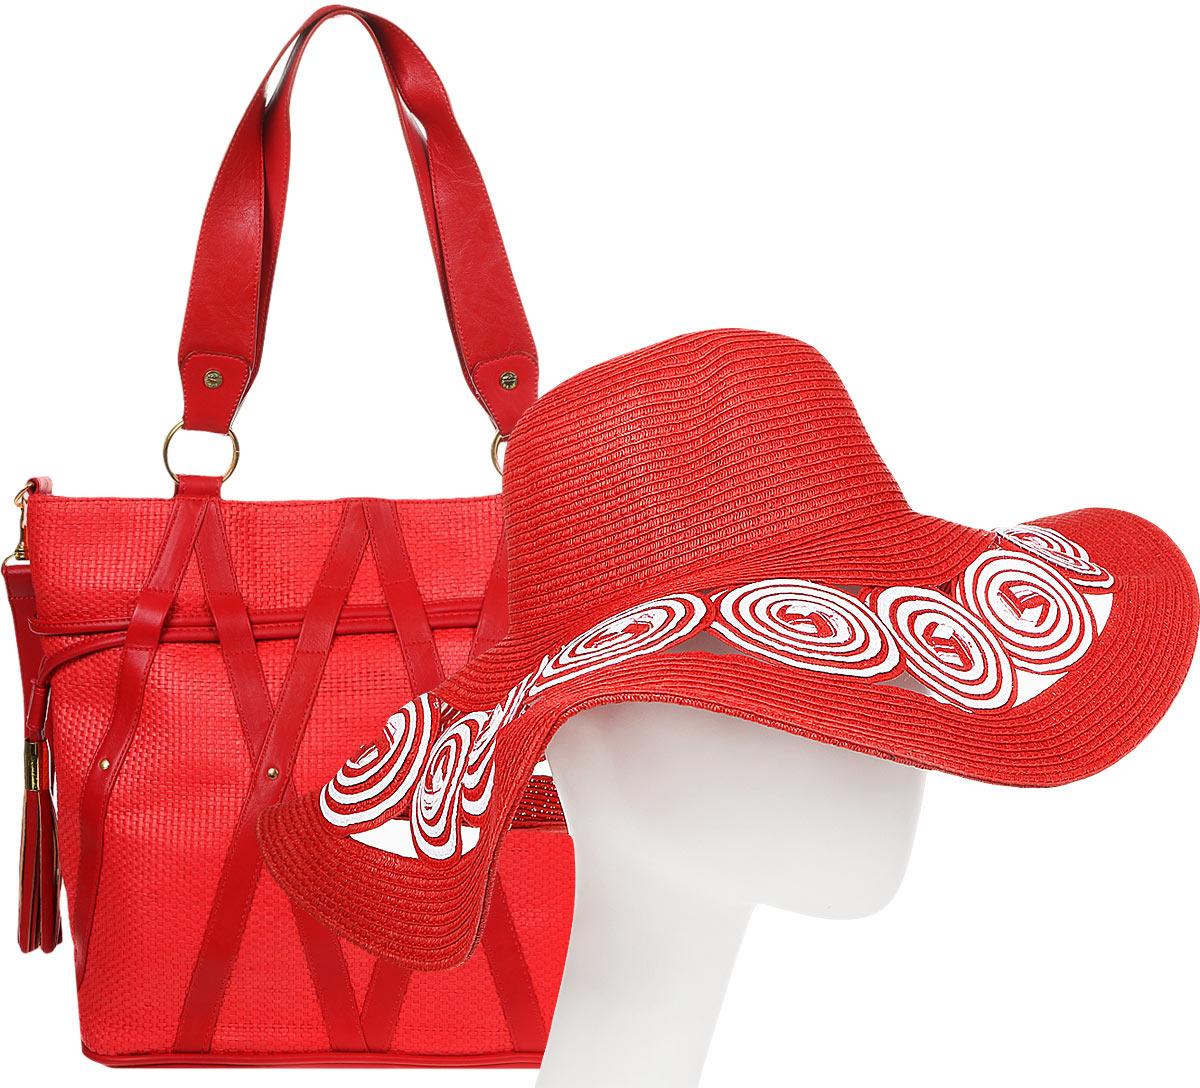 Пляжный комплект с сумкой Esmee, CBH432-462, красный